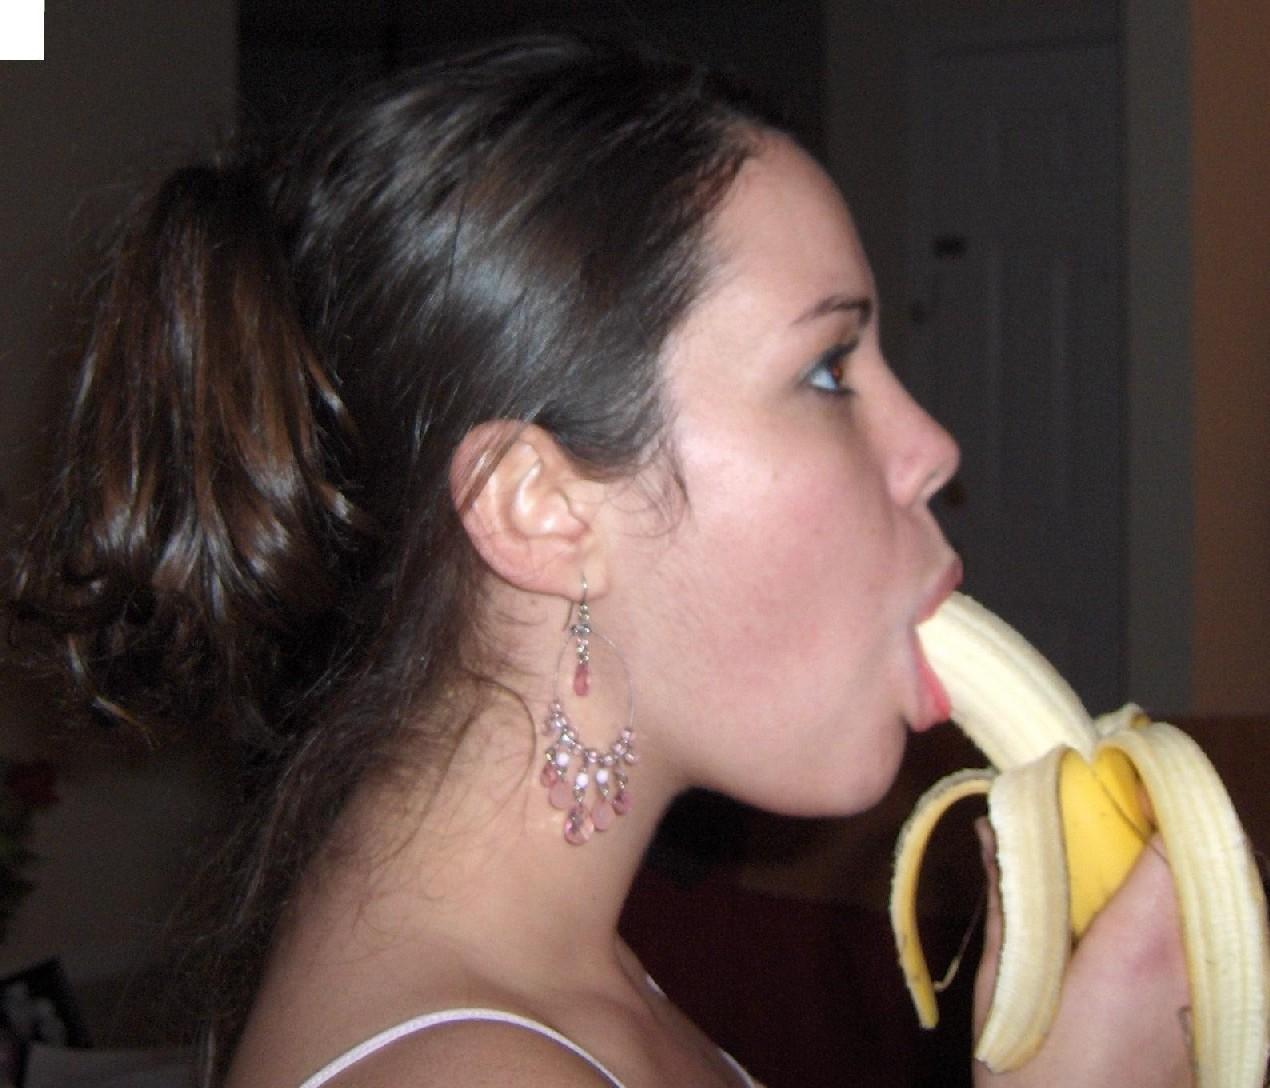 Брюнетка эротично кушает фрукты, и снимается полуголой в квартире